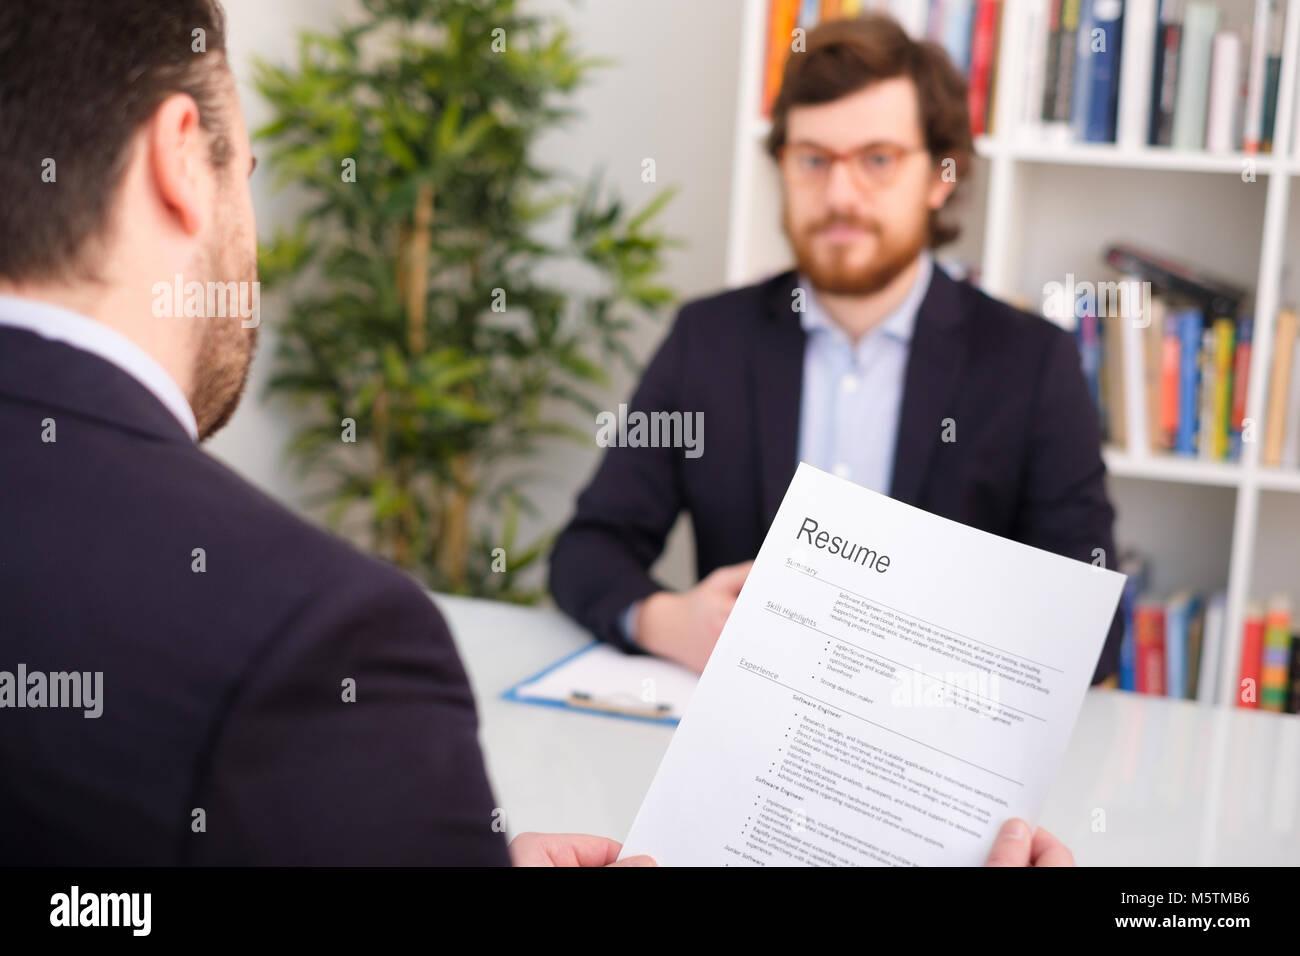 Reclutador leer currículum durante una entrevista de trabajo Imagen De Stock